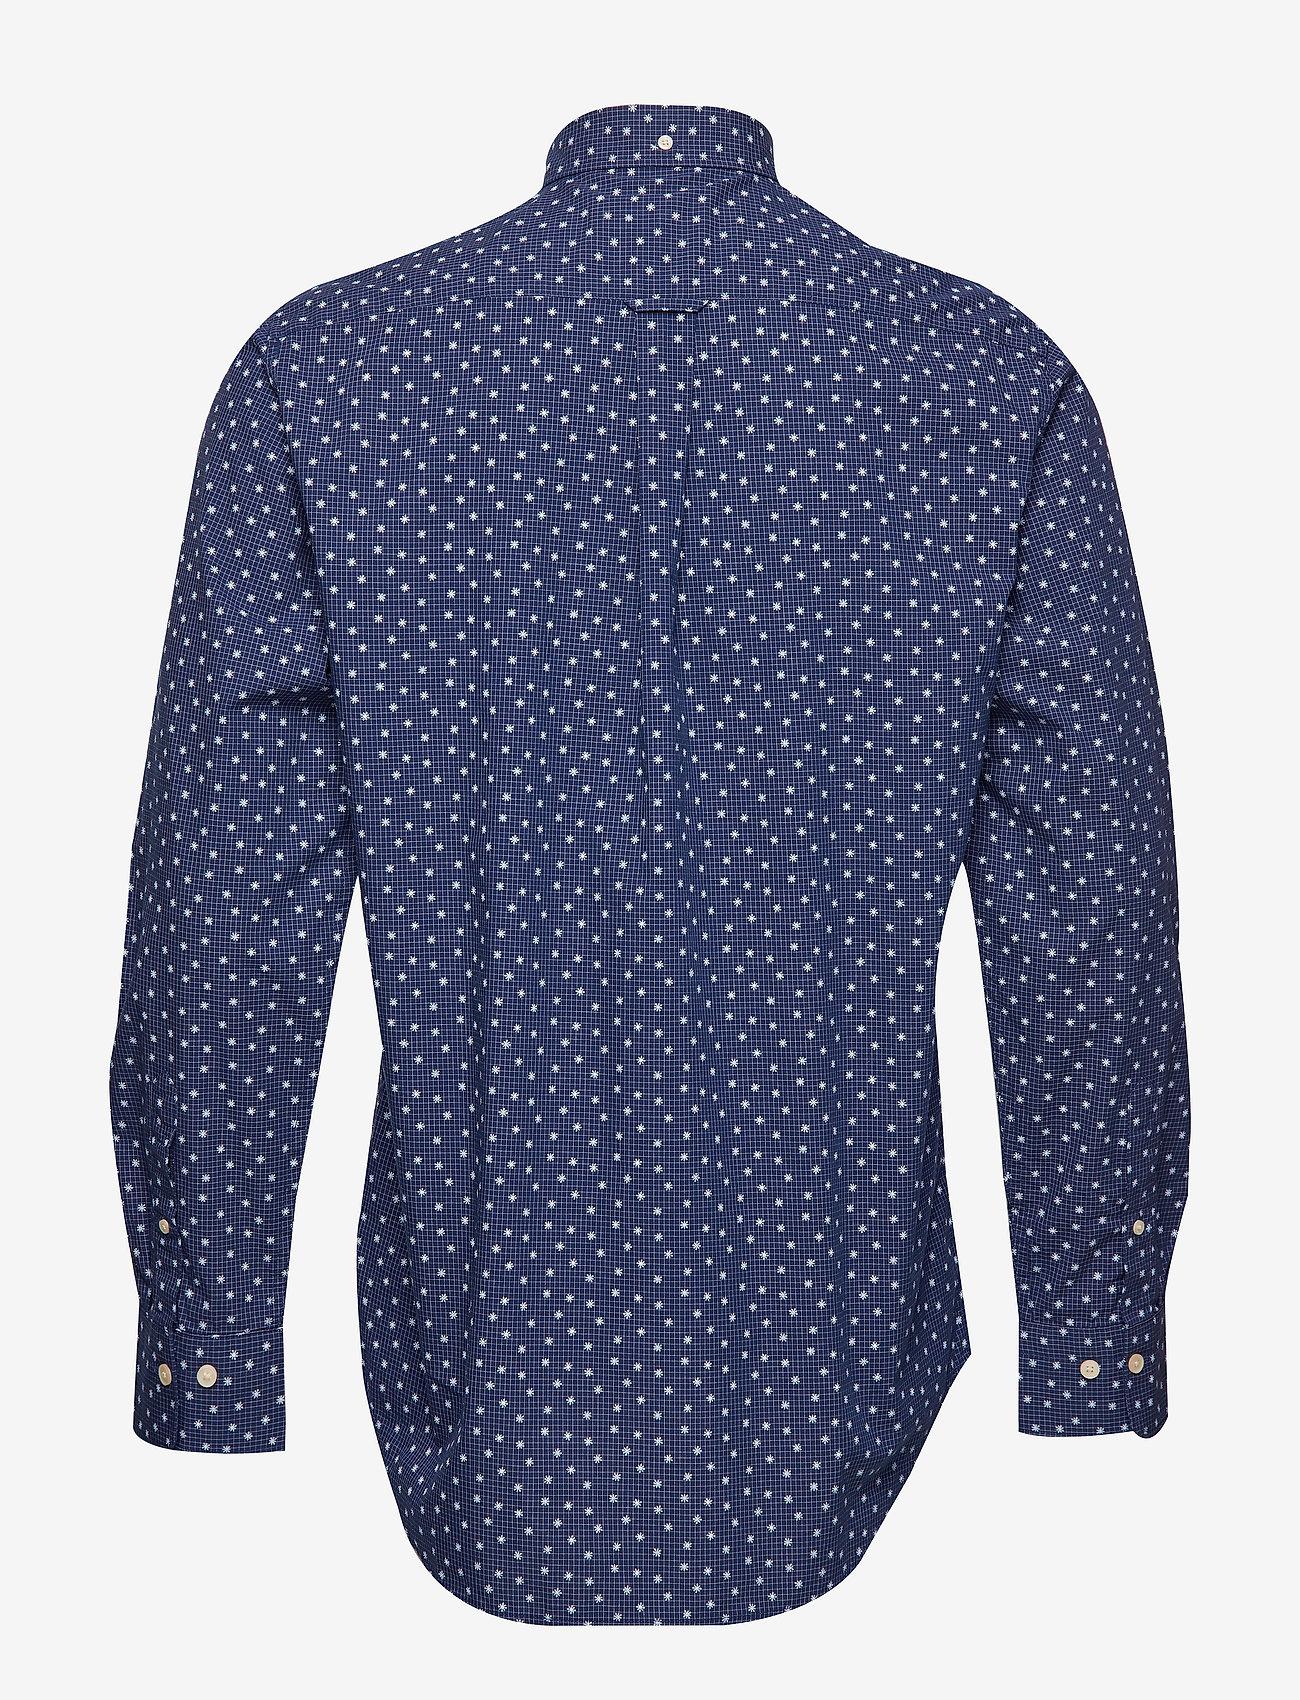 O1. Yarn Dye Print Reg Bd (Marine) (719.40 kr) - GANT